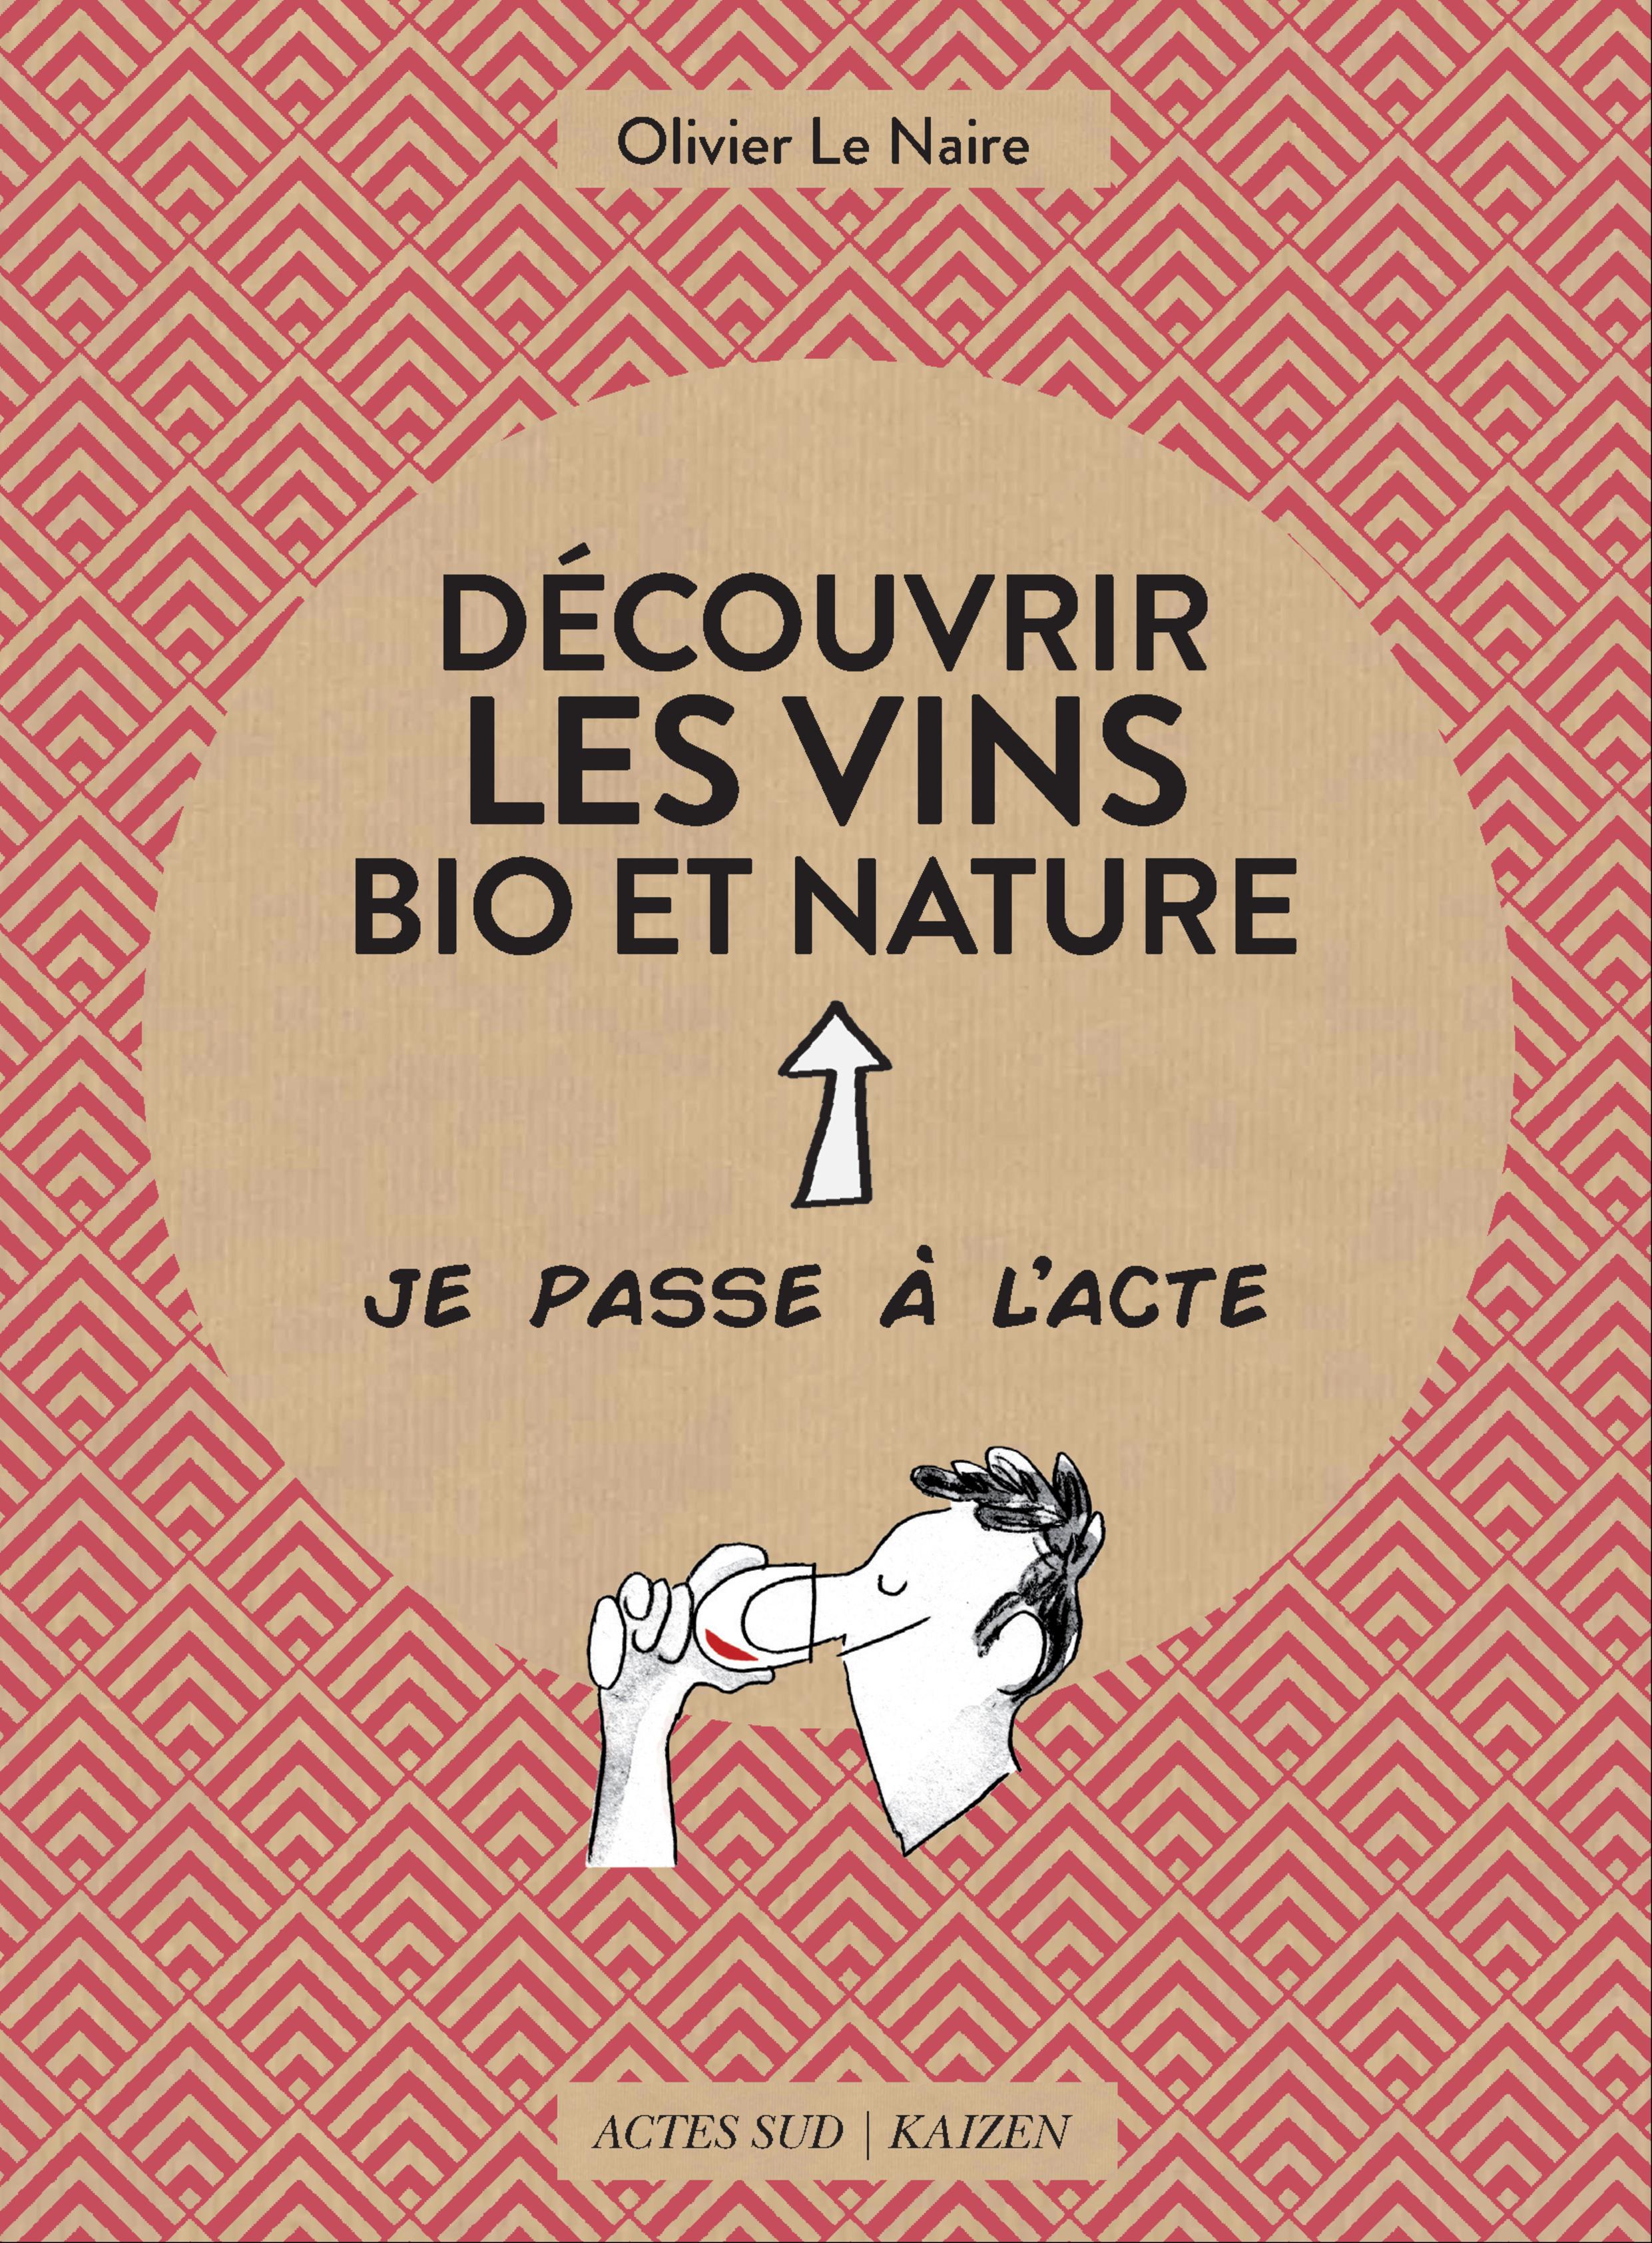 Découvrir les vins bio et nature